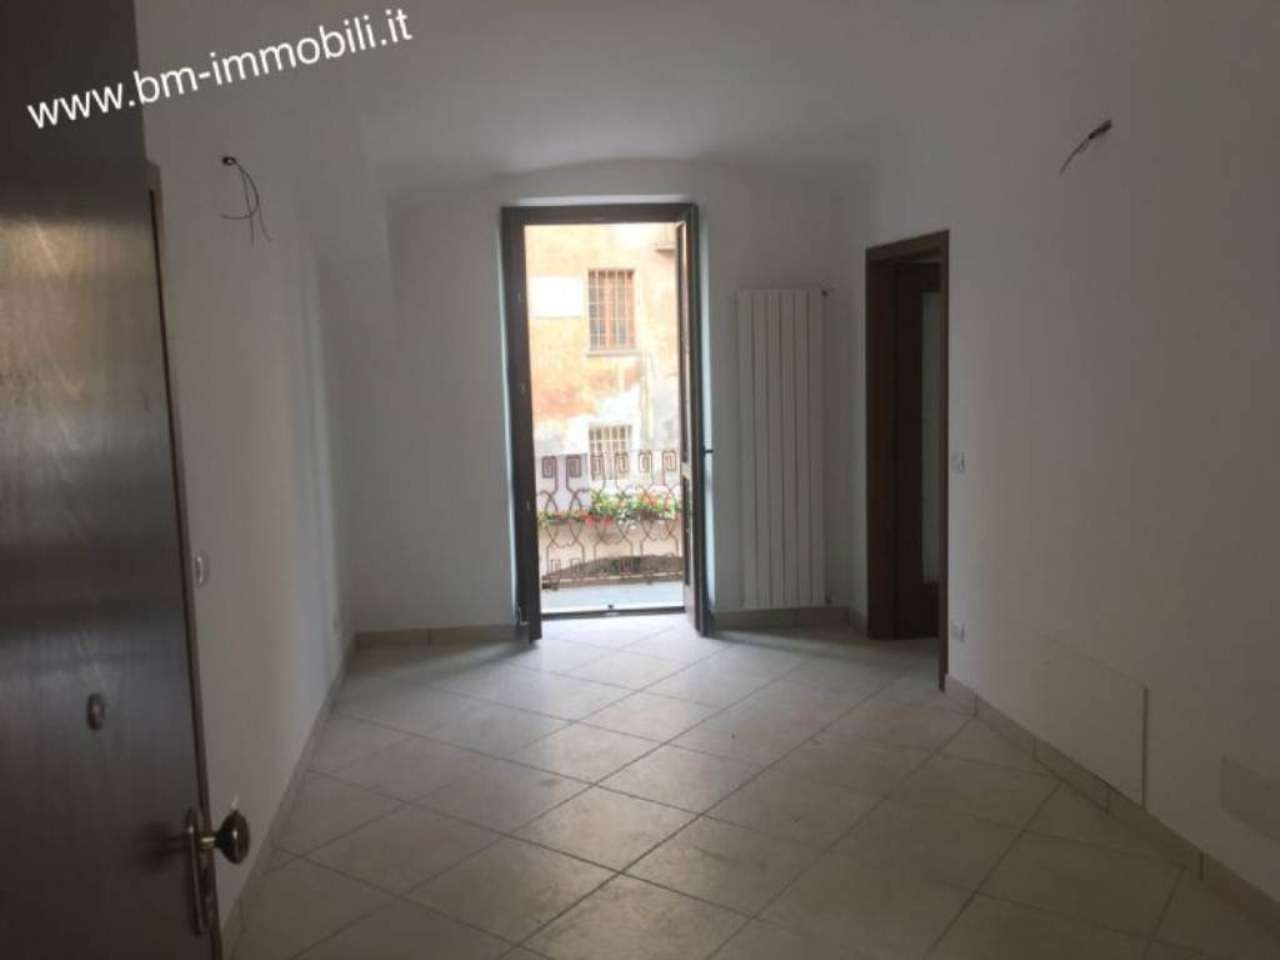 Bilocale Lanzo Torinese Via Umberto I 4